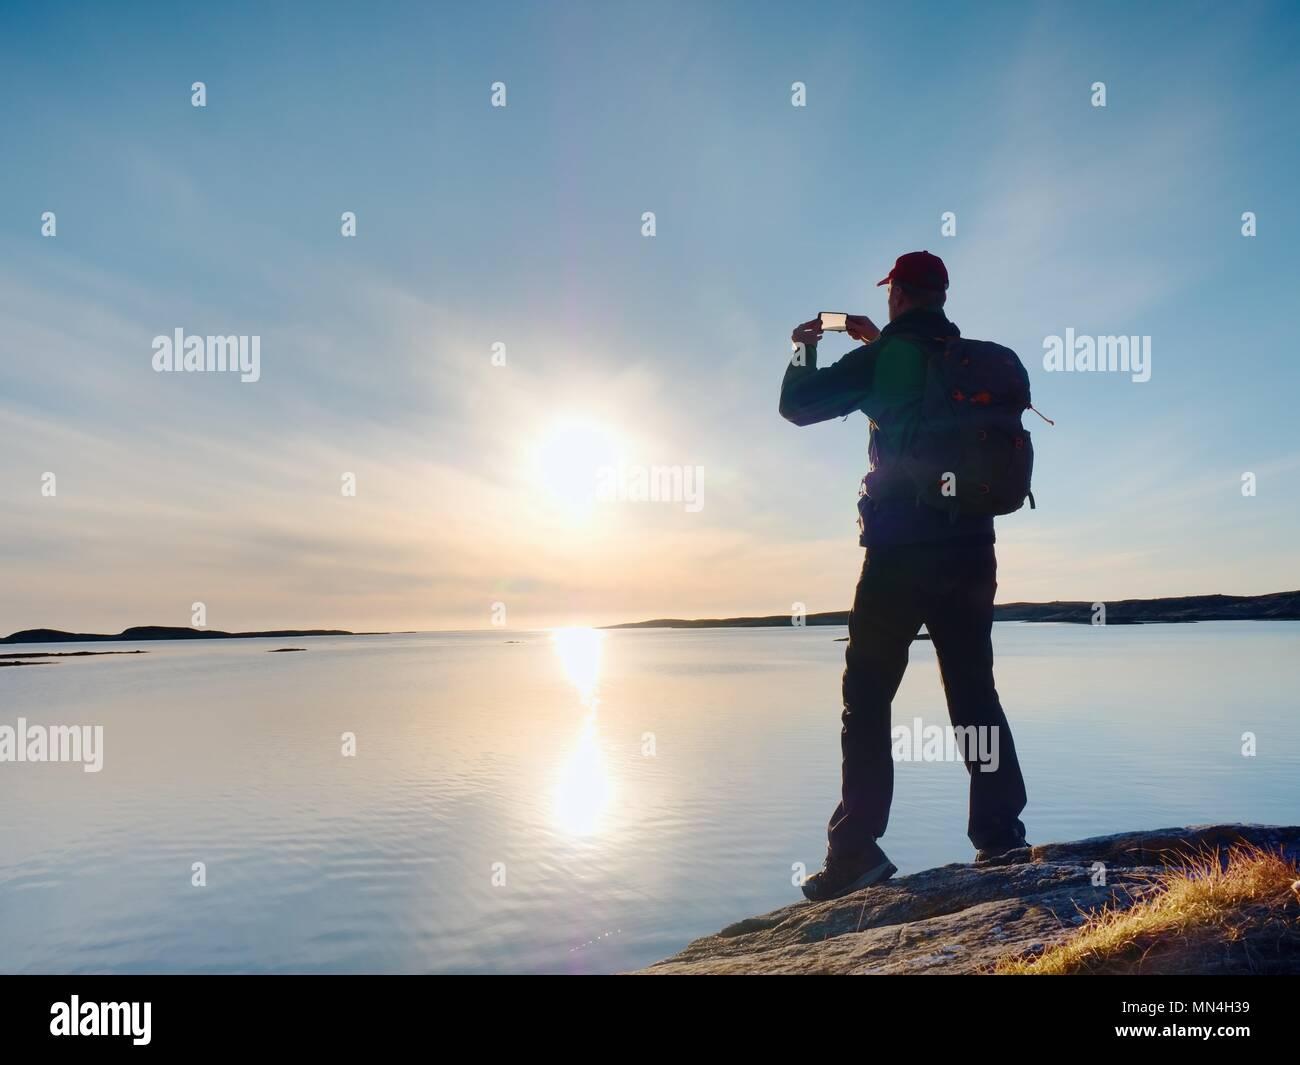 Silueta de hombre conservar recuerdos con la cámara del teléfono en su mano. Maravillosa puesta de sol en el mar, buen nivel de agua Imagen De Stock